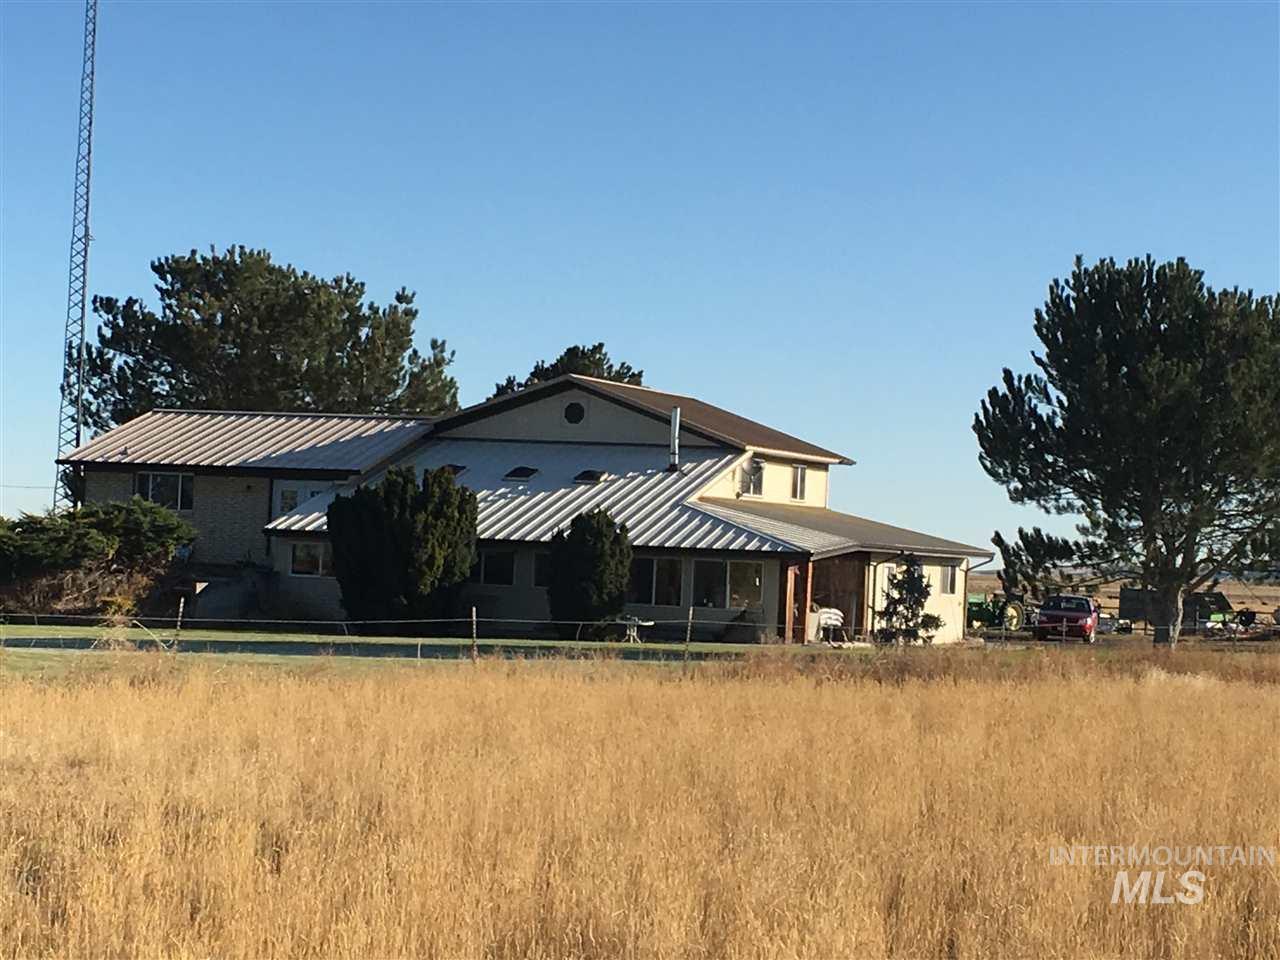 农场 为 销售 在 2295 E 1900 N 2295 E 1900 N Twin Falls, 爱达荷州 83301